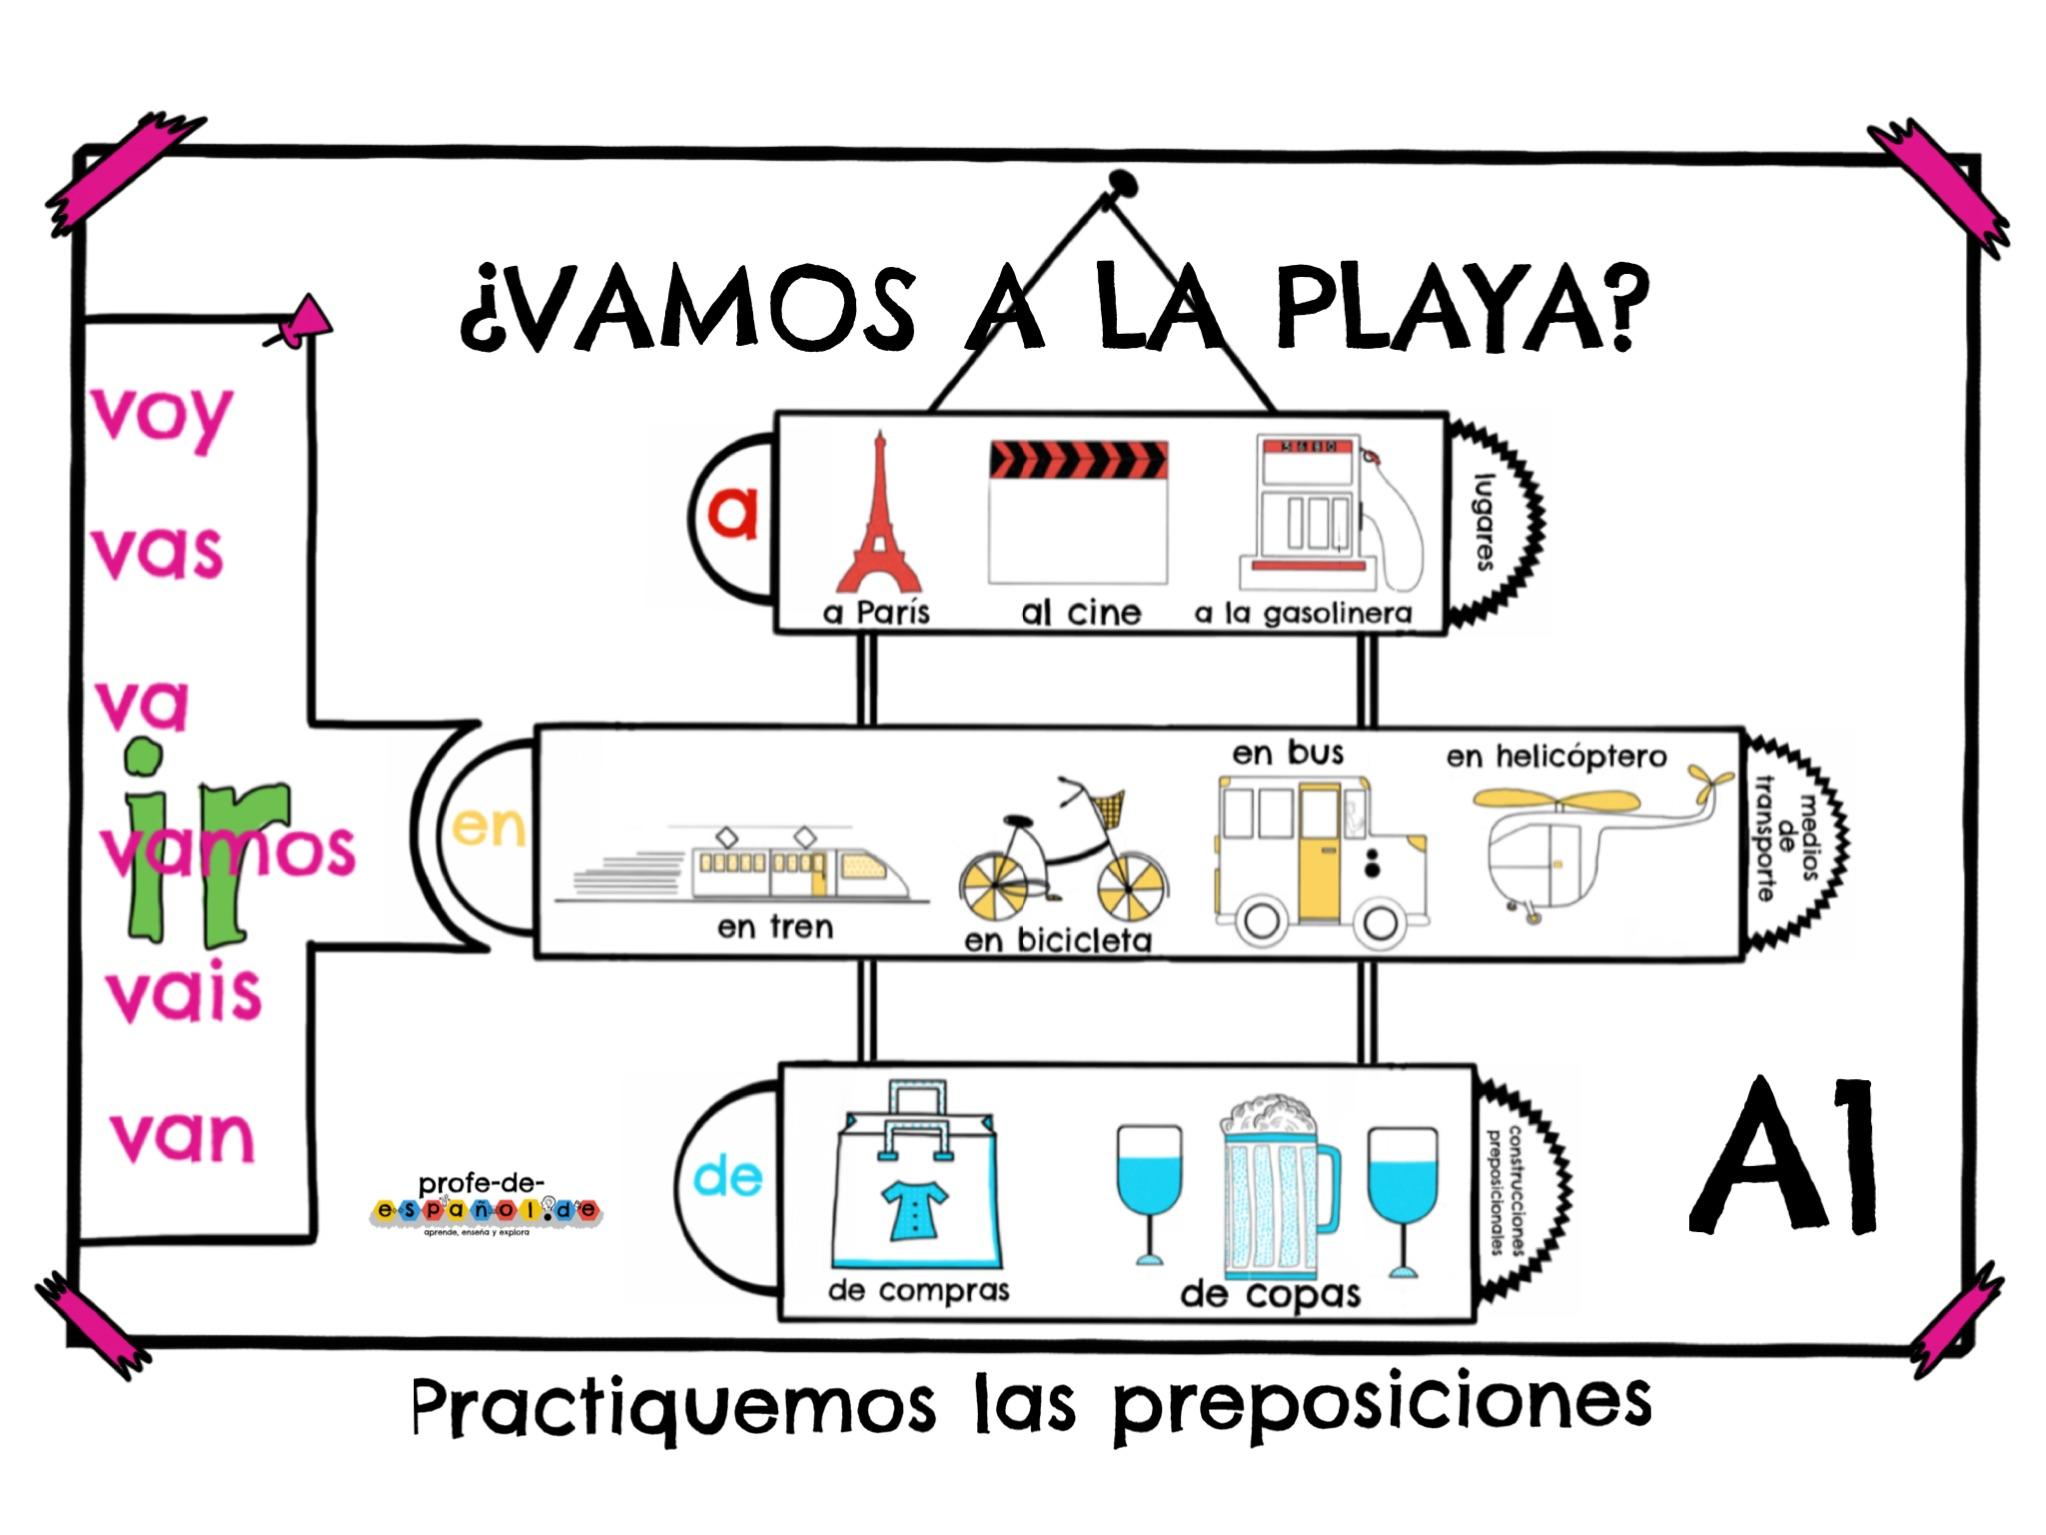 ¿VAMOS A LA PLAYA? Practiquemos las preposiciones.